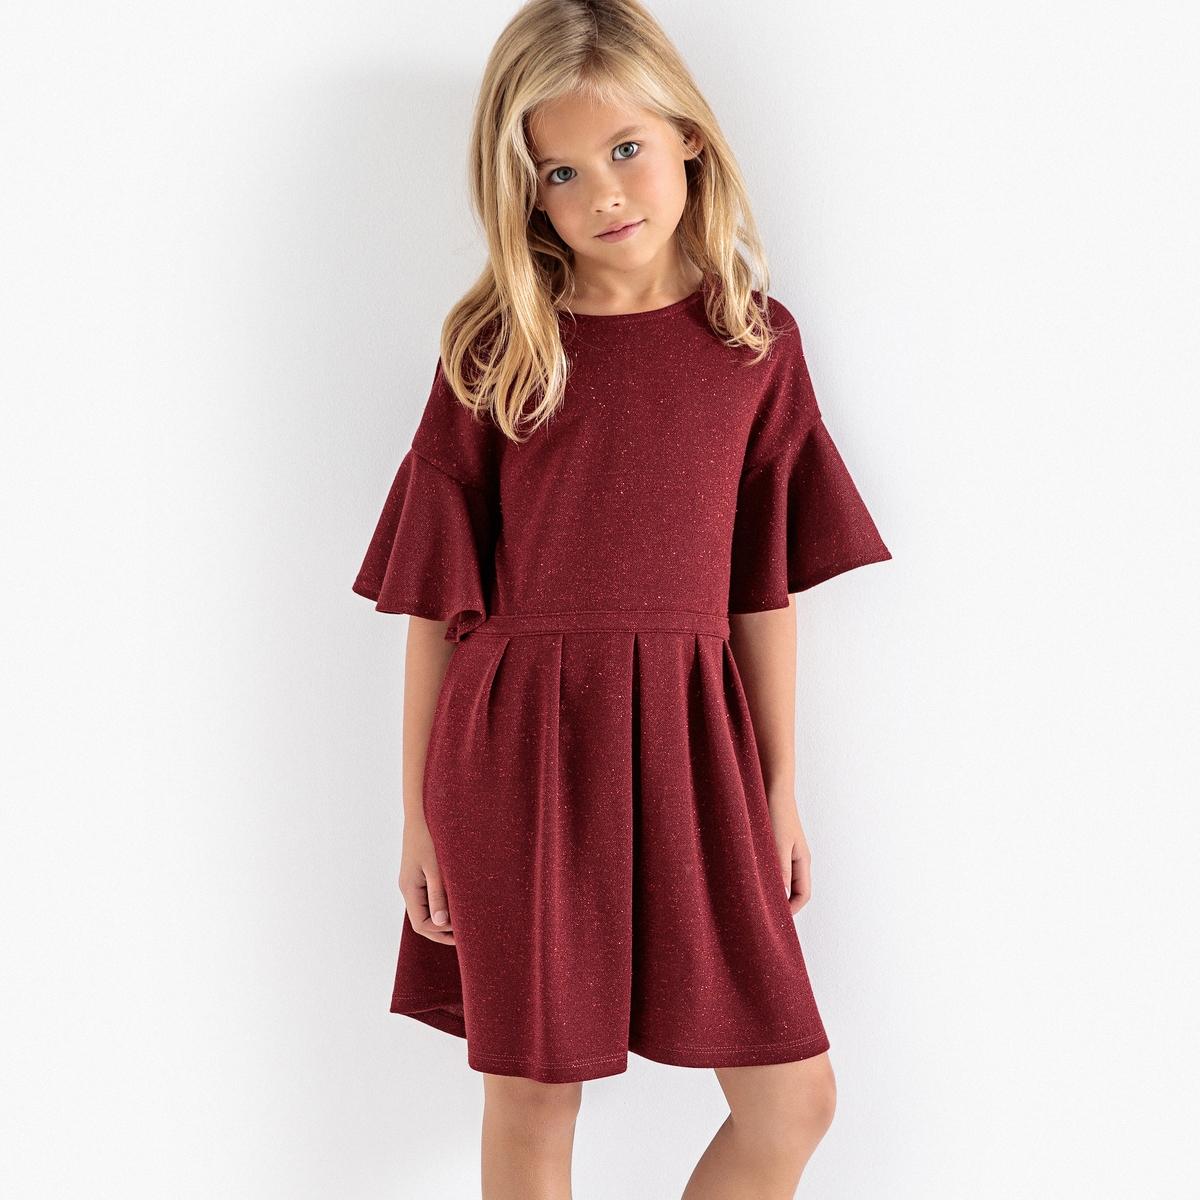 цена Платье La Redoute Из блестящего материала с воланами 3 года - 94 см красный онлайн в 2017 году